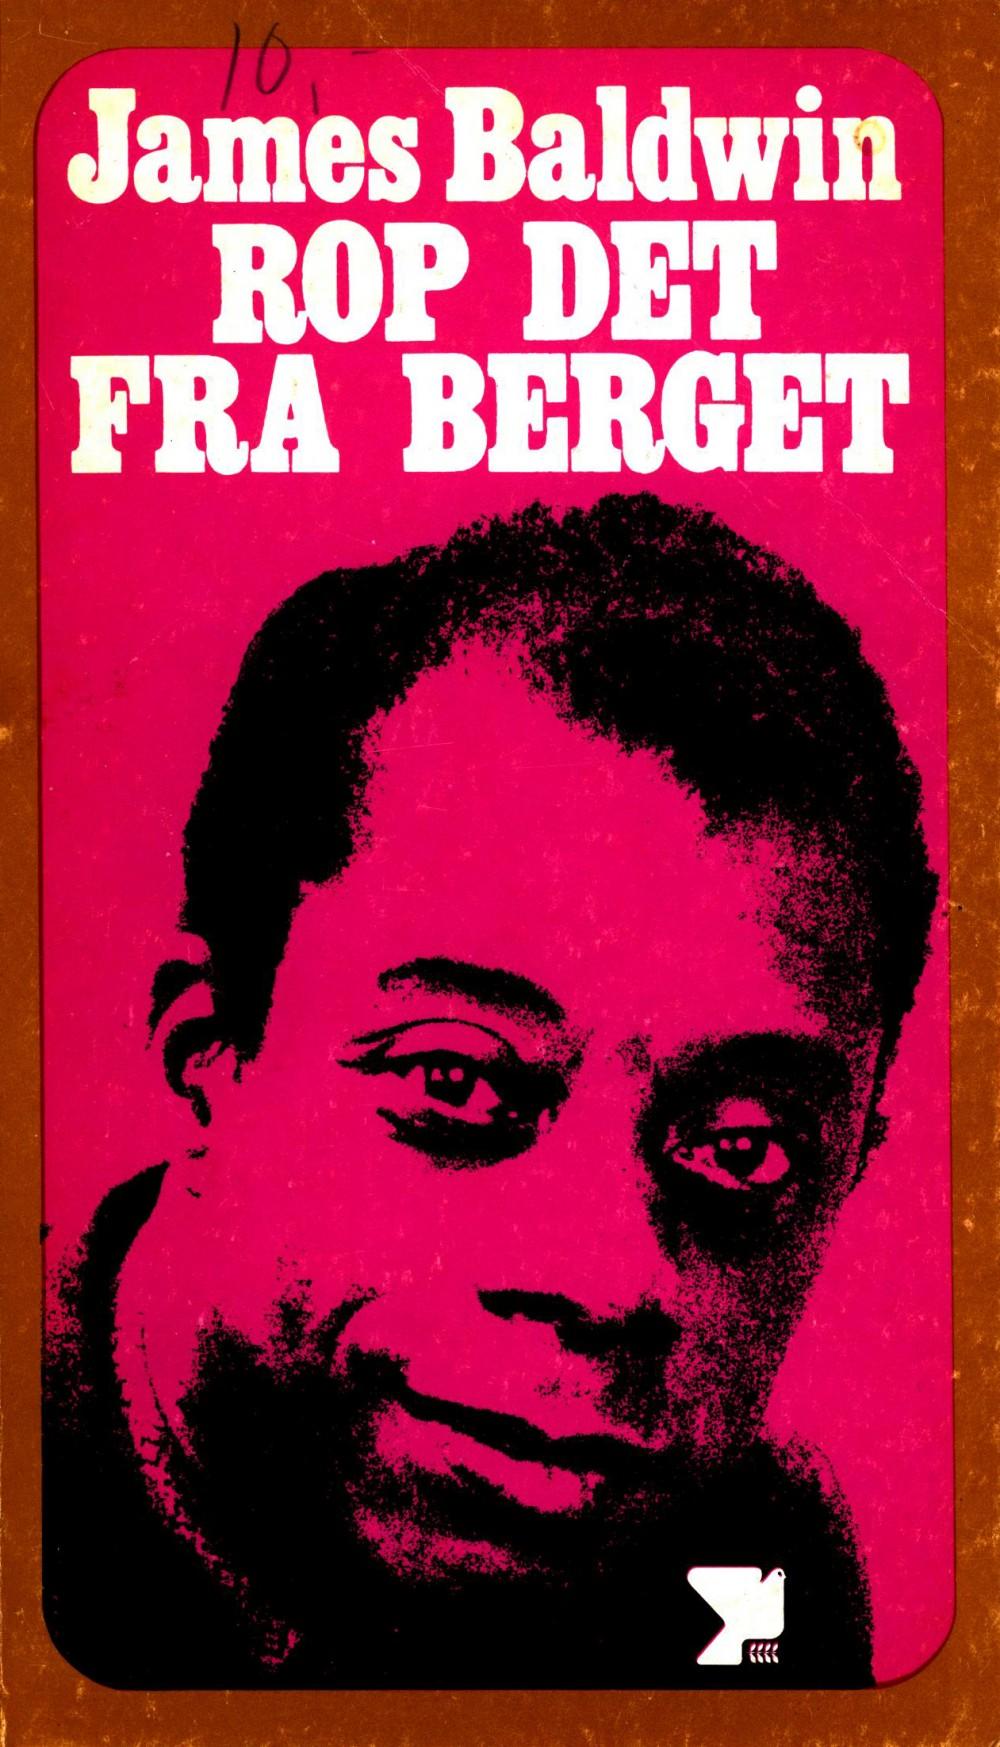 James Baldwin: Rop det fra berget